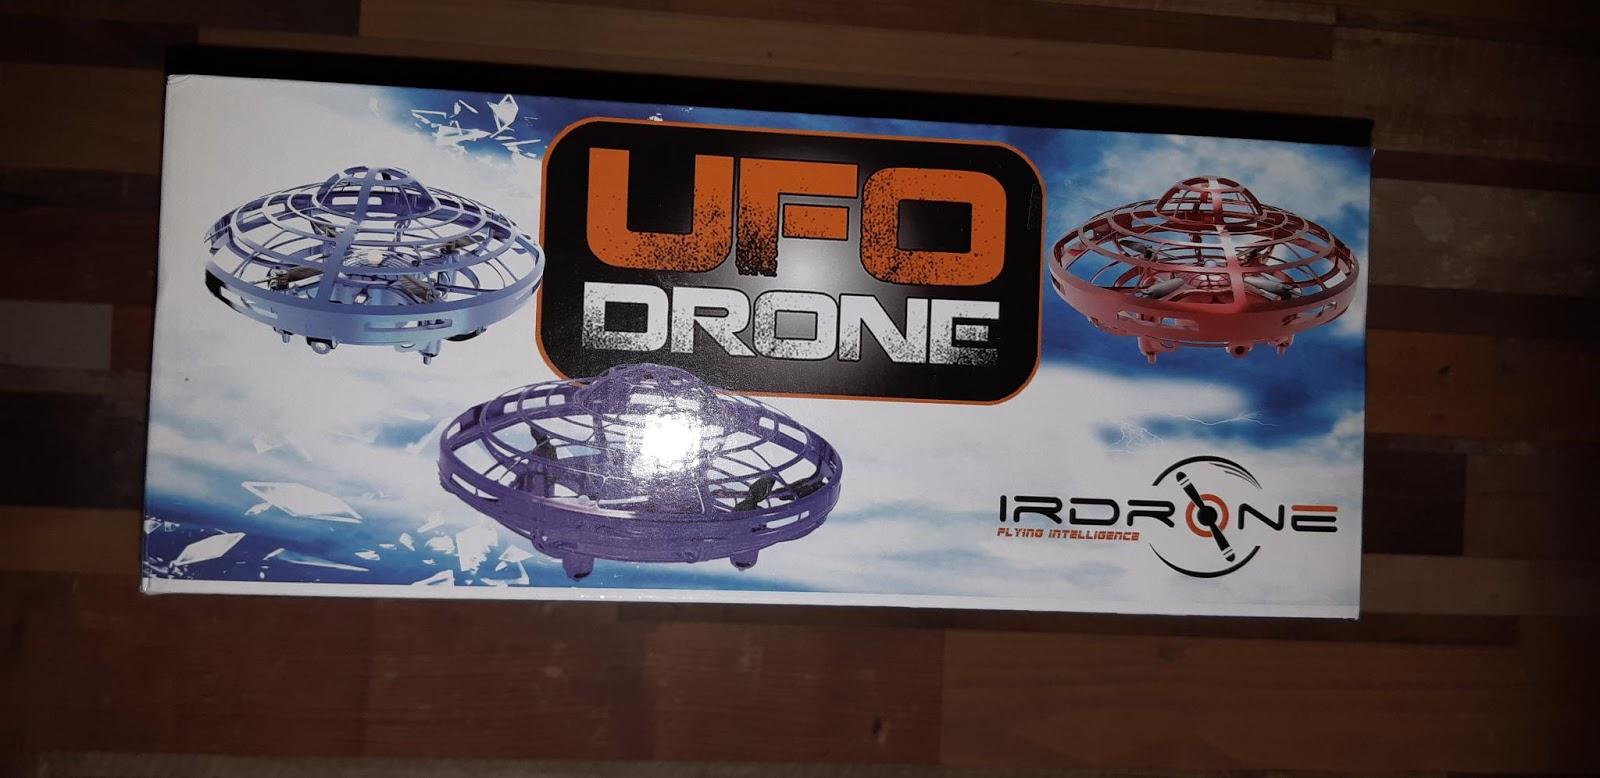 Commander drone qr x350 et avis prix drone mavic air